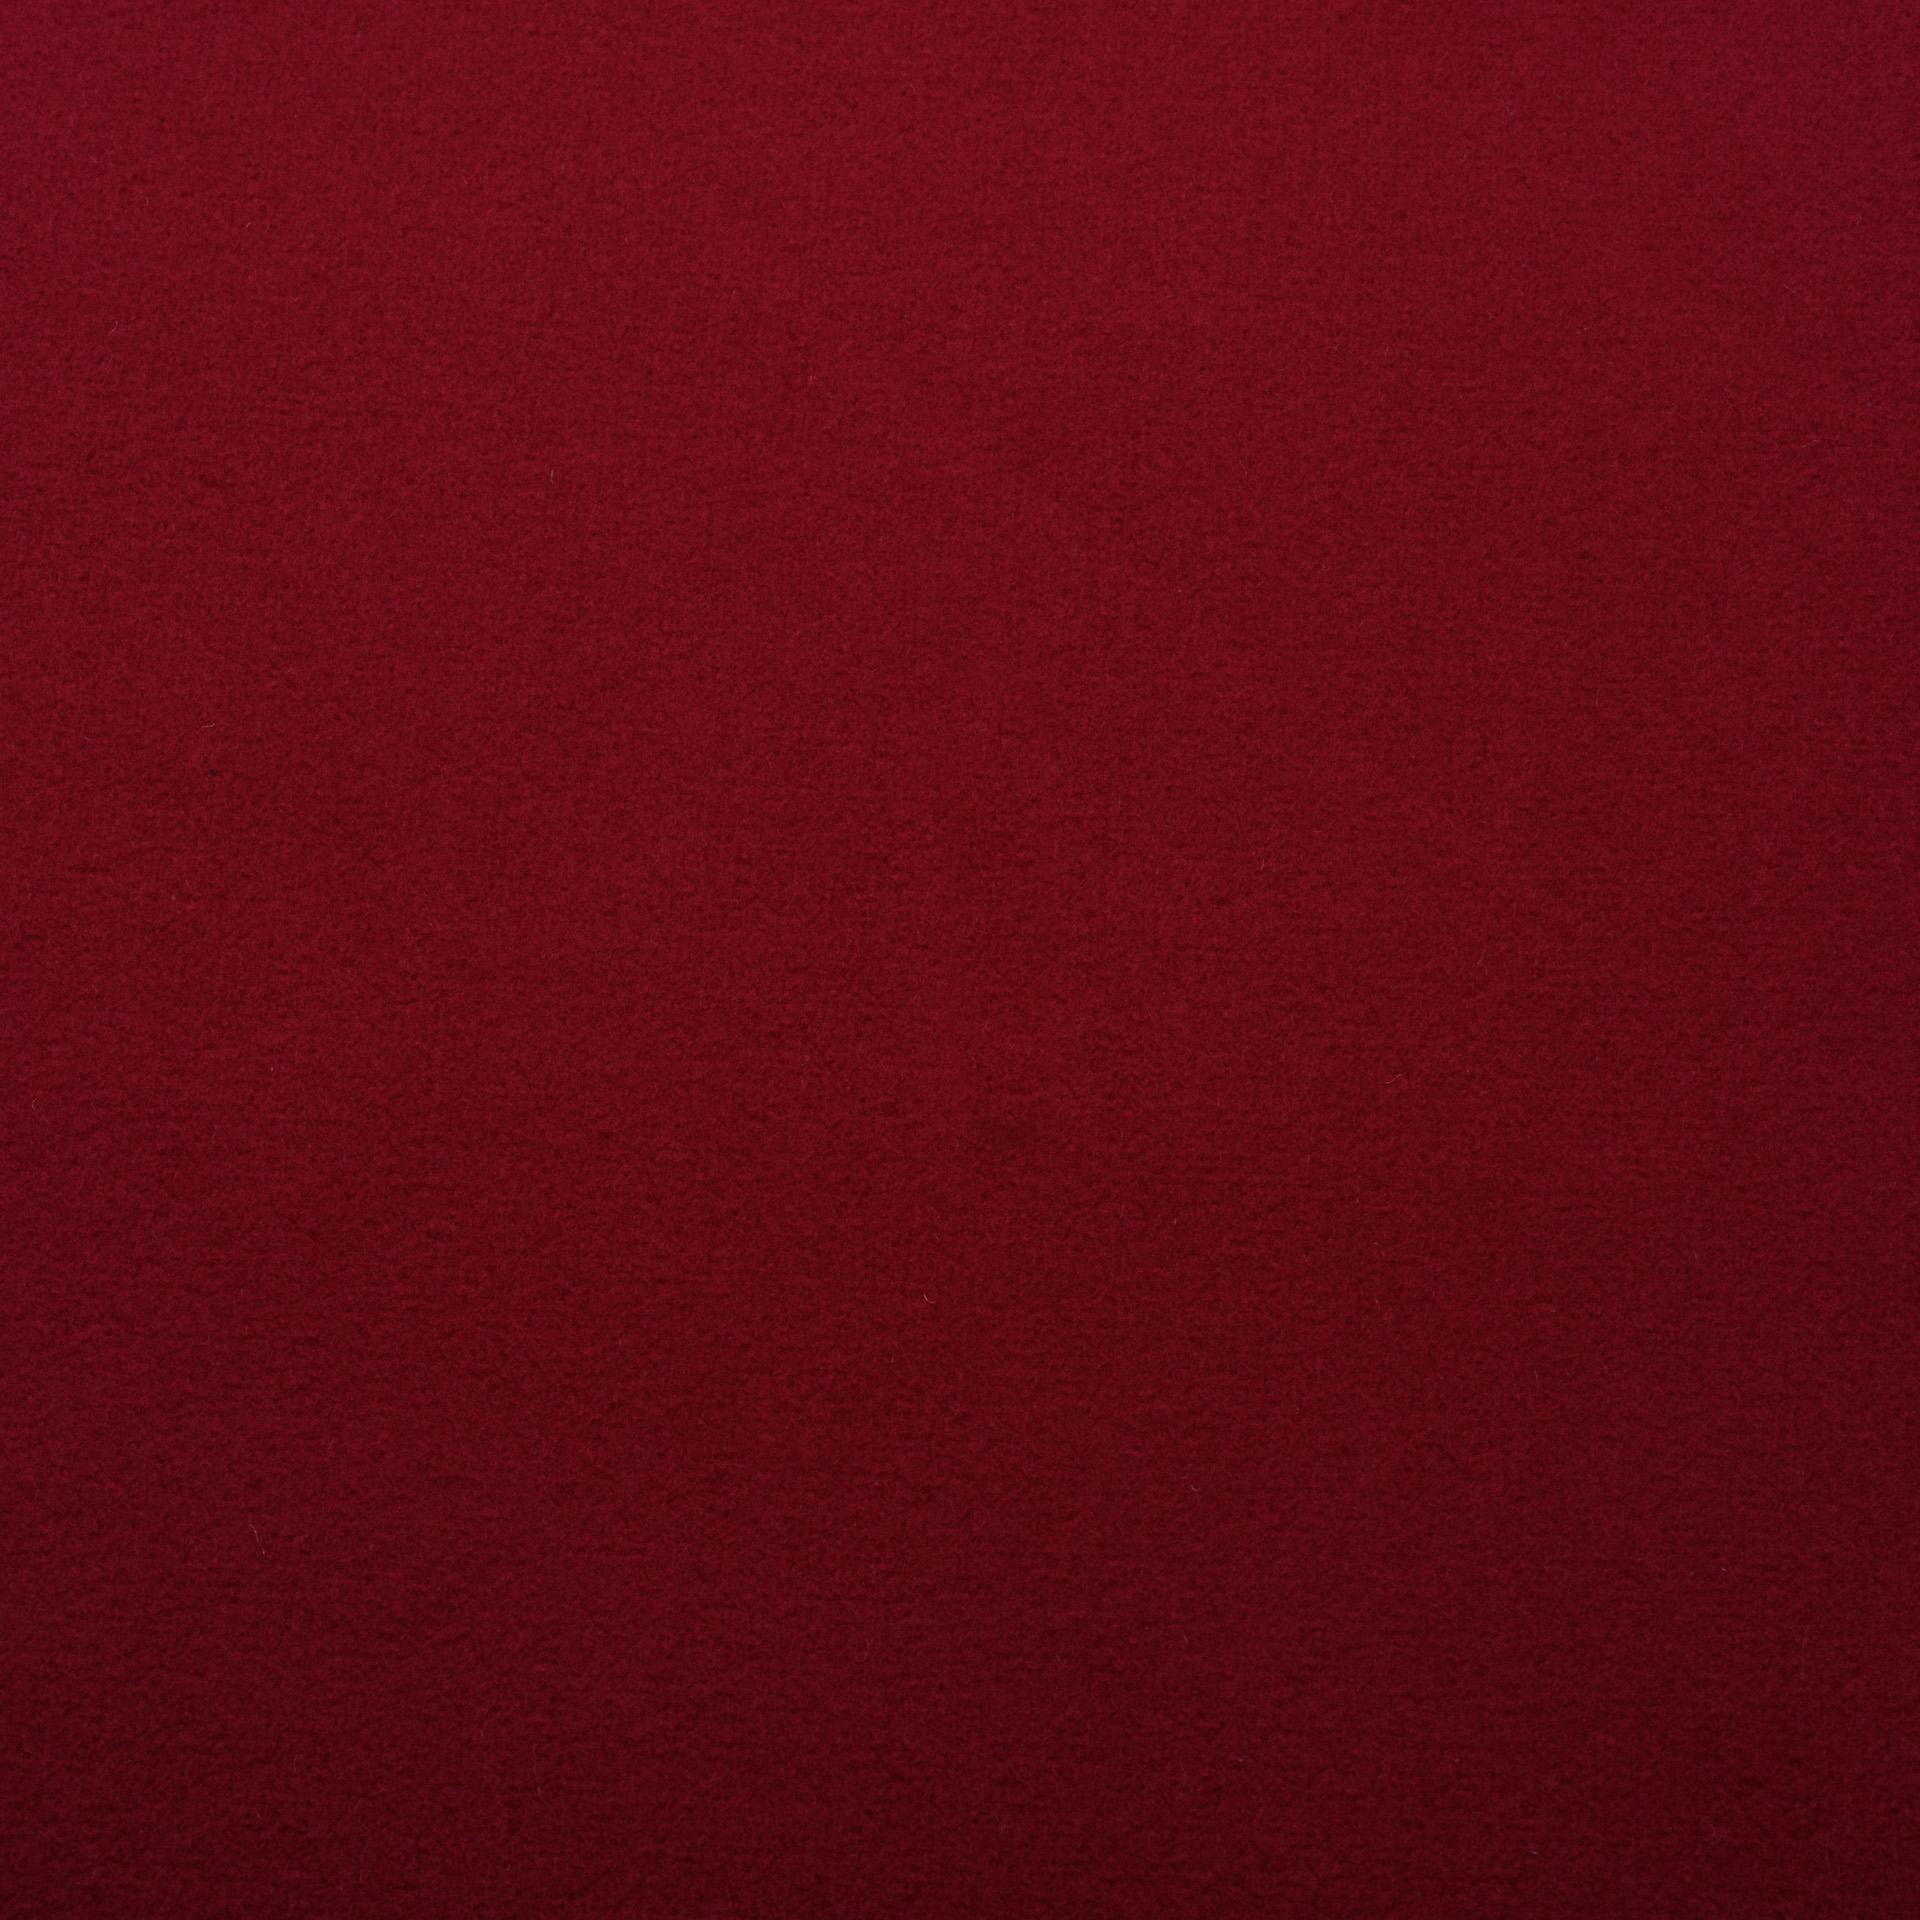 Коллекция ткани Багира 04 POPPY RED,  купить ткань Велюр для мебели Украина